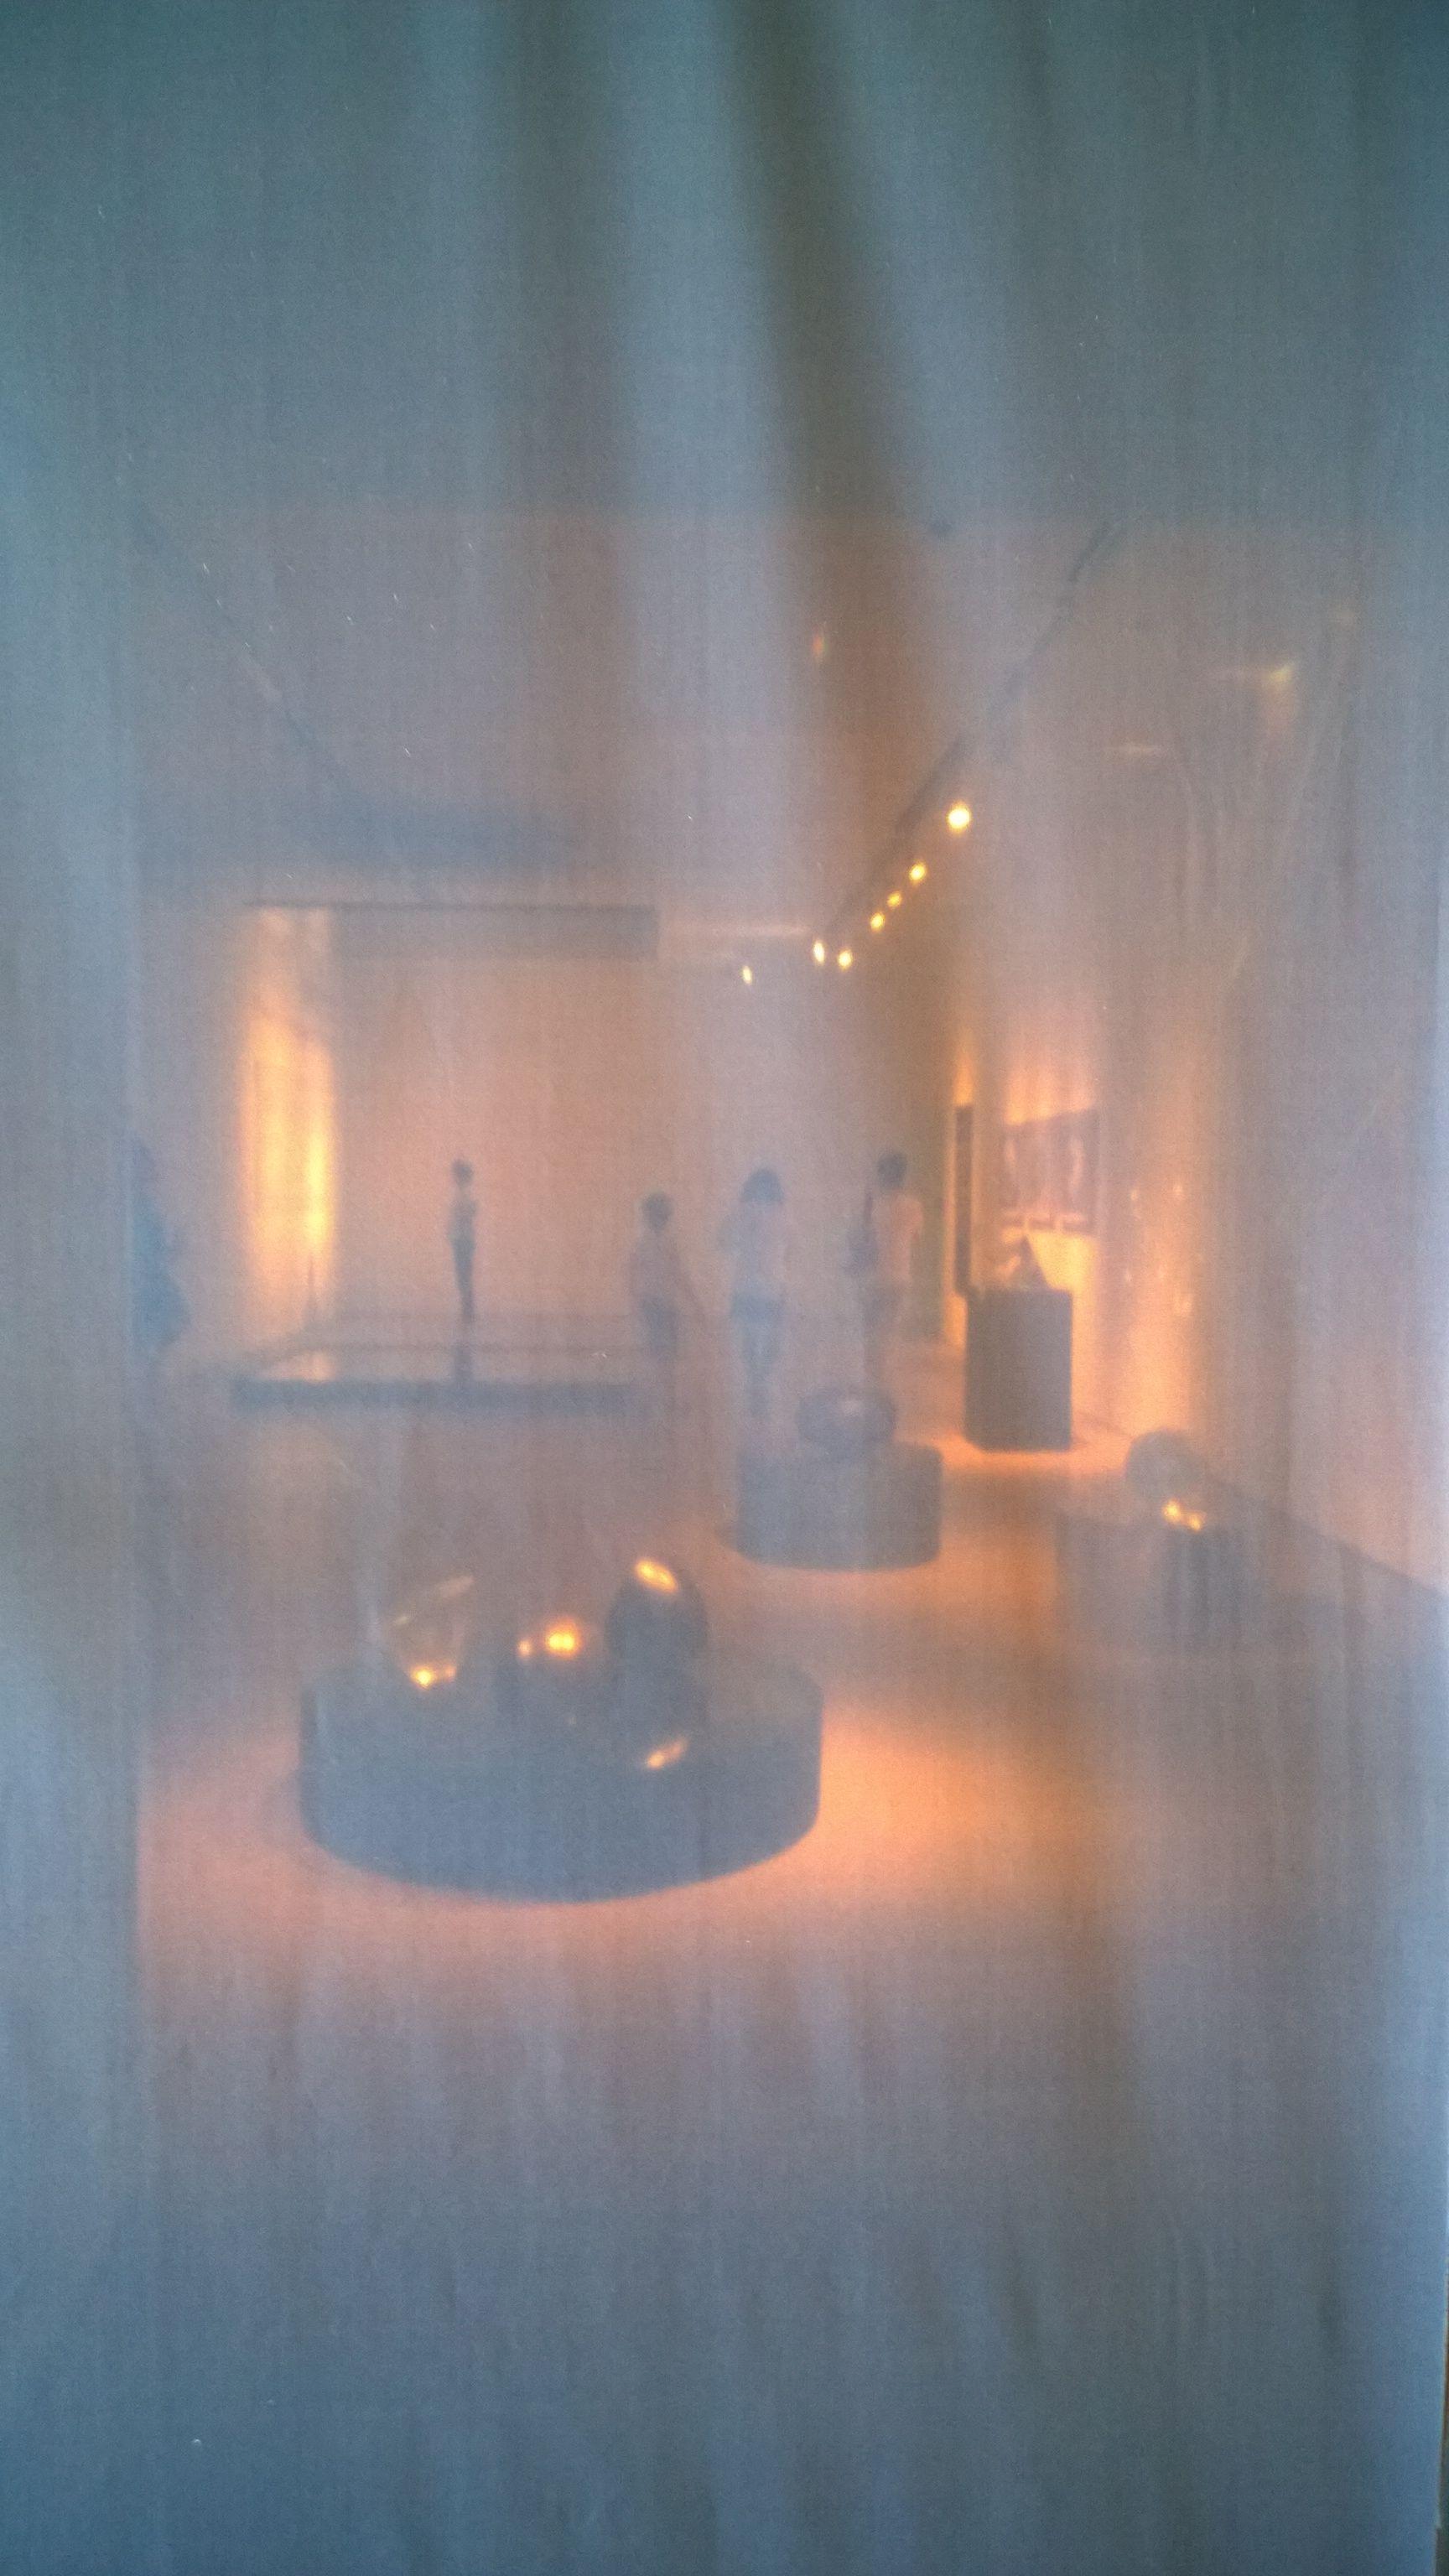 GLASS ART SHOW @ SHANGHAI HIMALAYAS MUSEUM